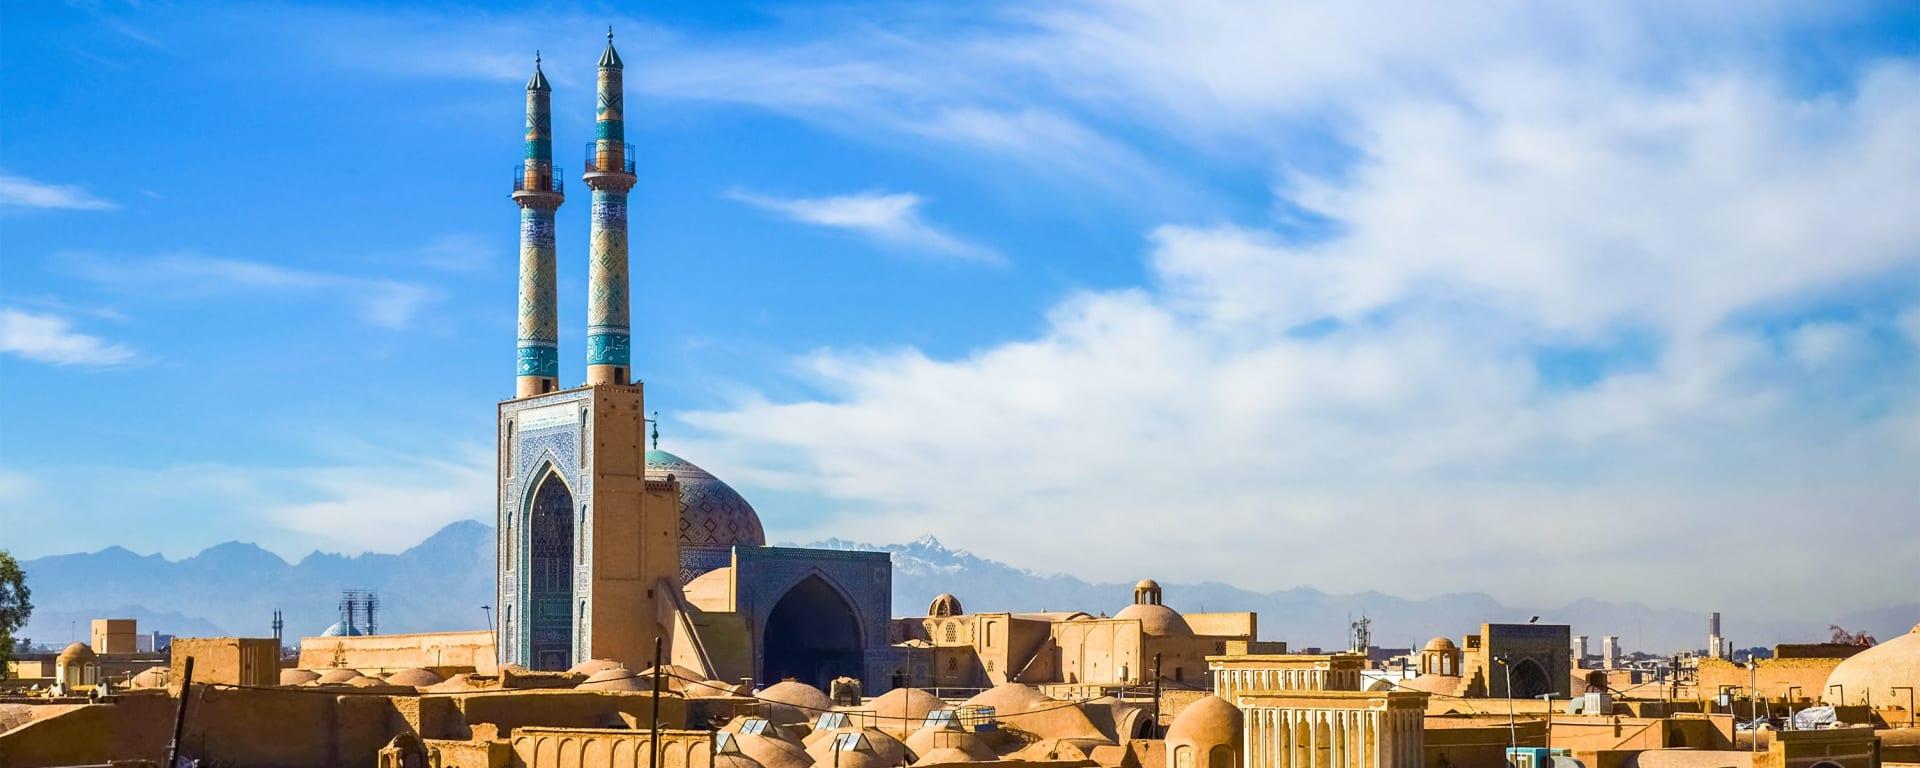 Iran entdecken mit Tischler Reisen: Iran Yazd Historisches Zentrum